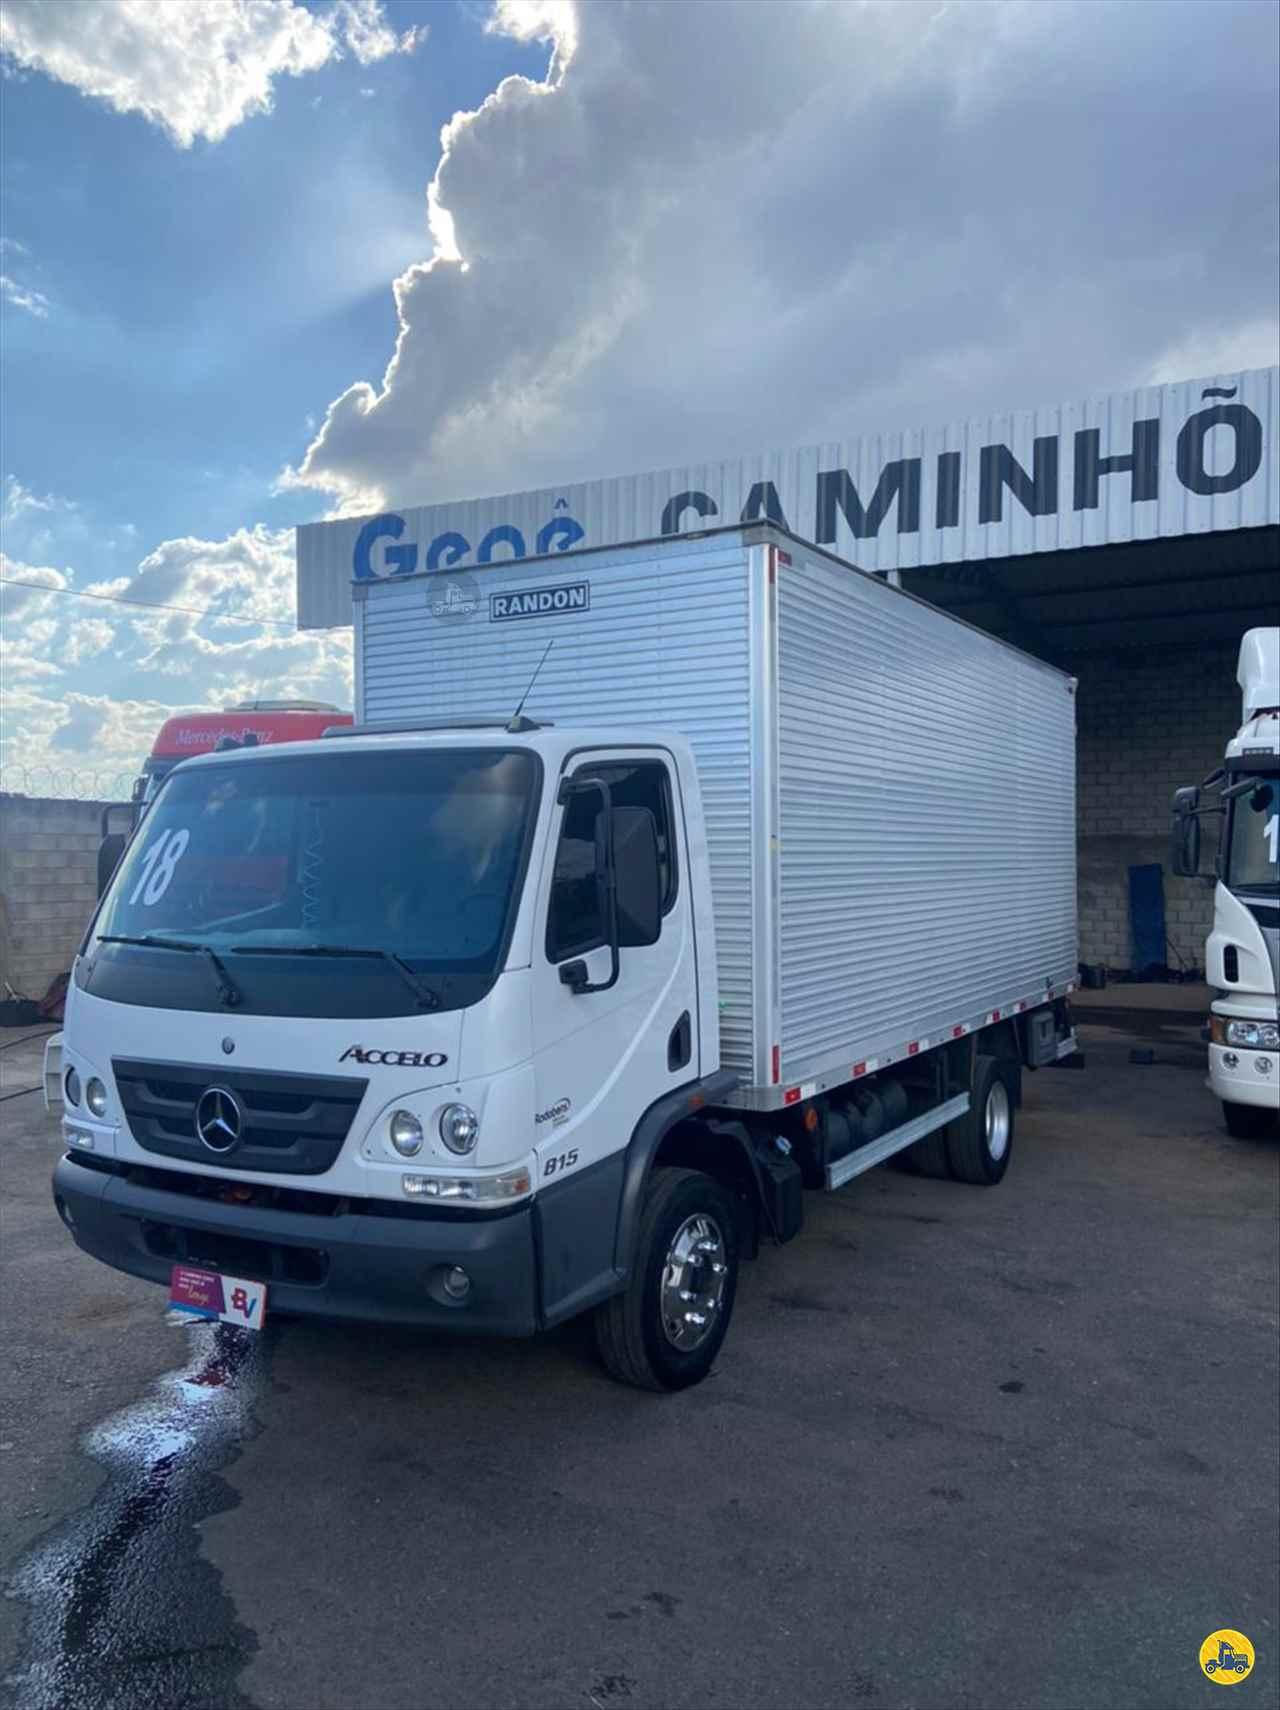 CAMINHAO MERCEDES-BENZ MB 815 Baú Furgão 3/4 4x2 Gegê Caminhões CONTAGEM MINAS GERAIS MG